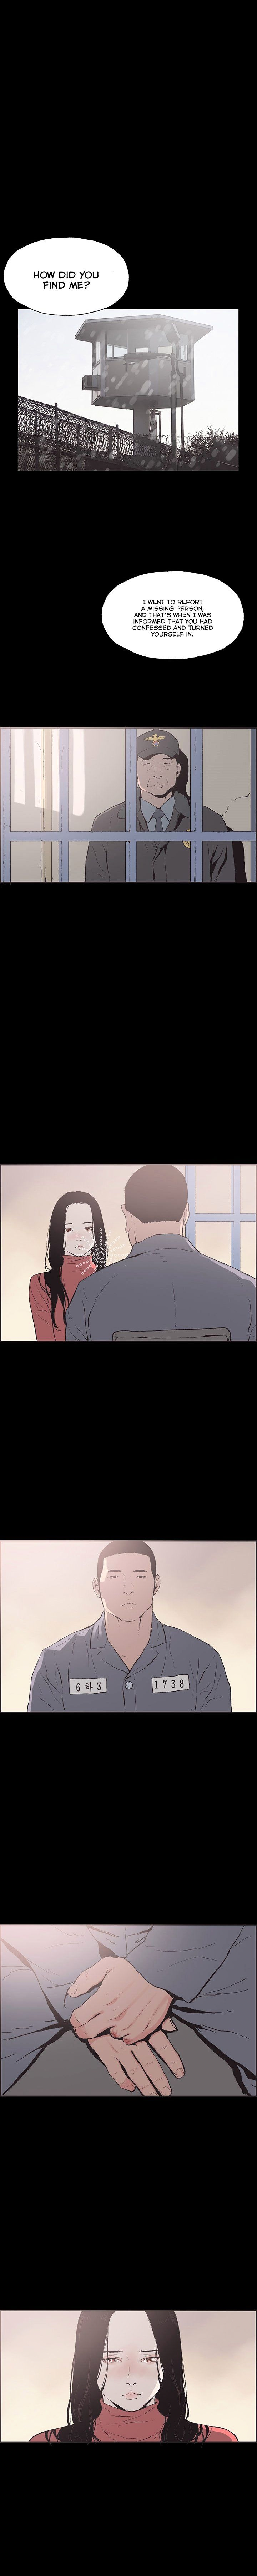 Cohabitation Chapter 53 Full Manga Read Scan Image 13